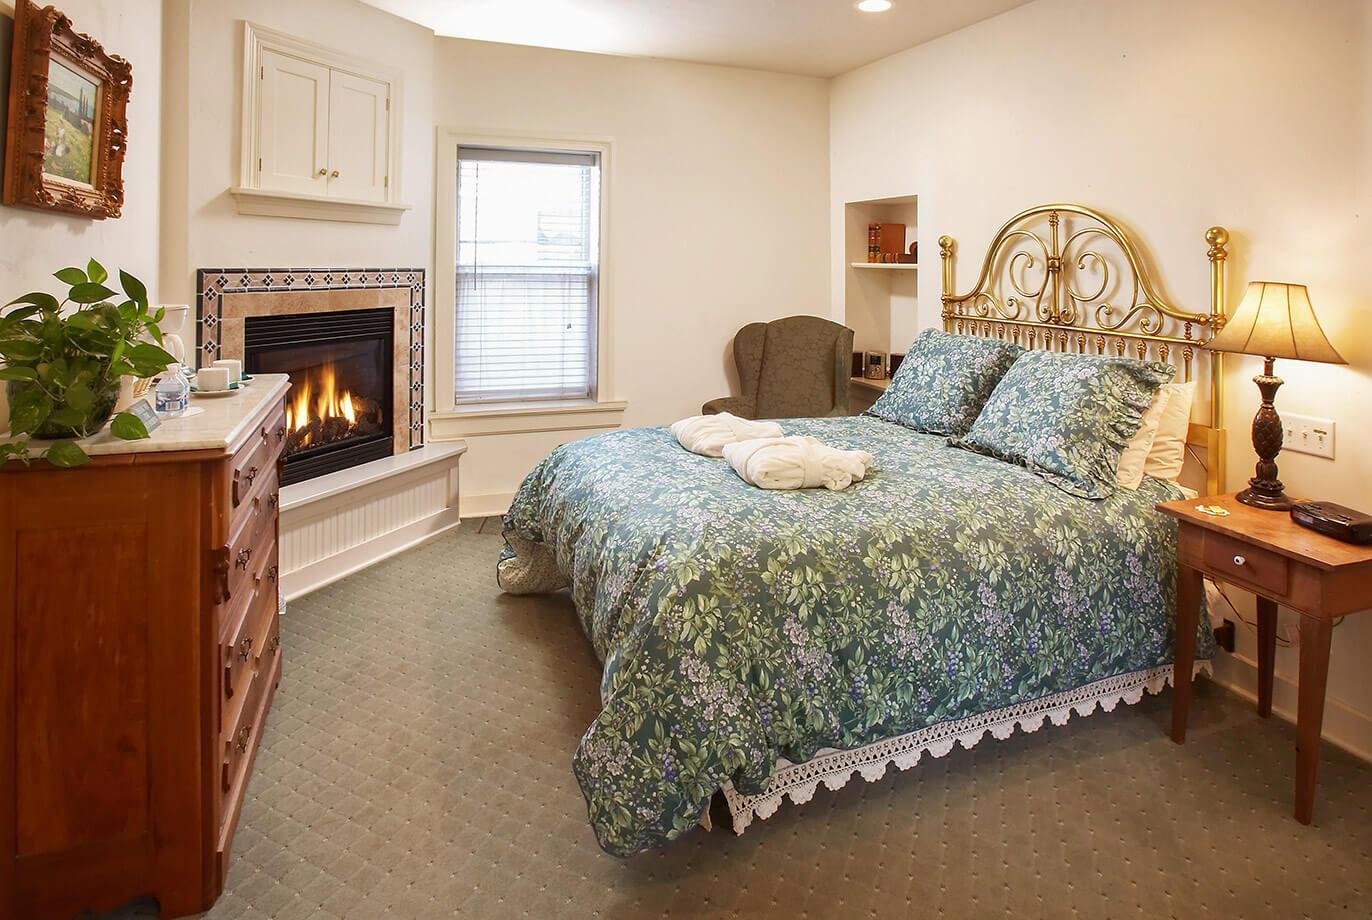 Schroeder Guest House Room 1 - Gertrude Schroeder